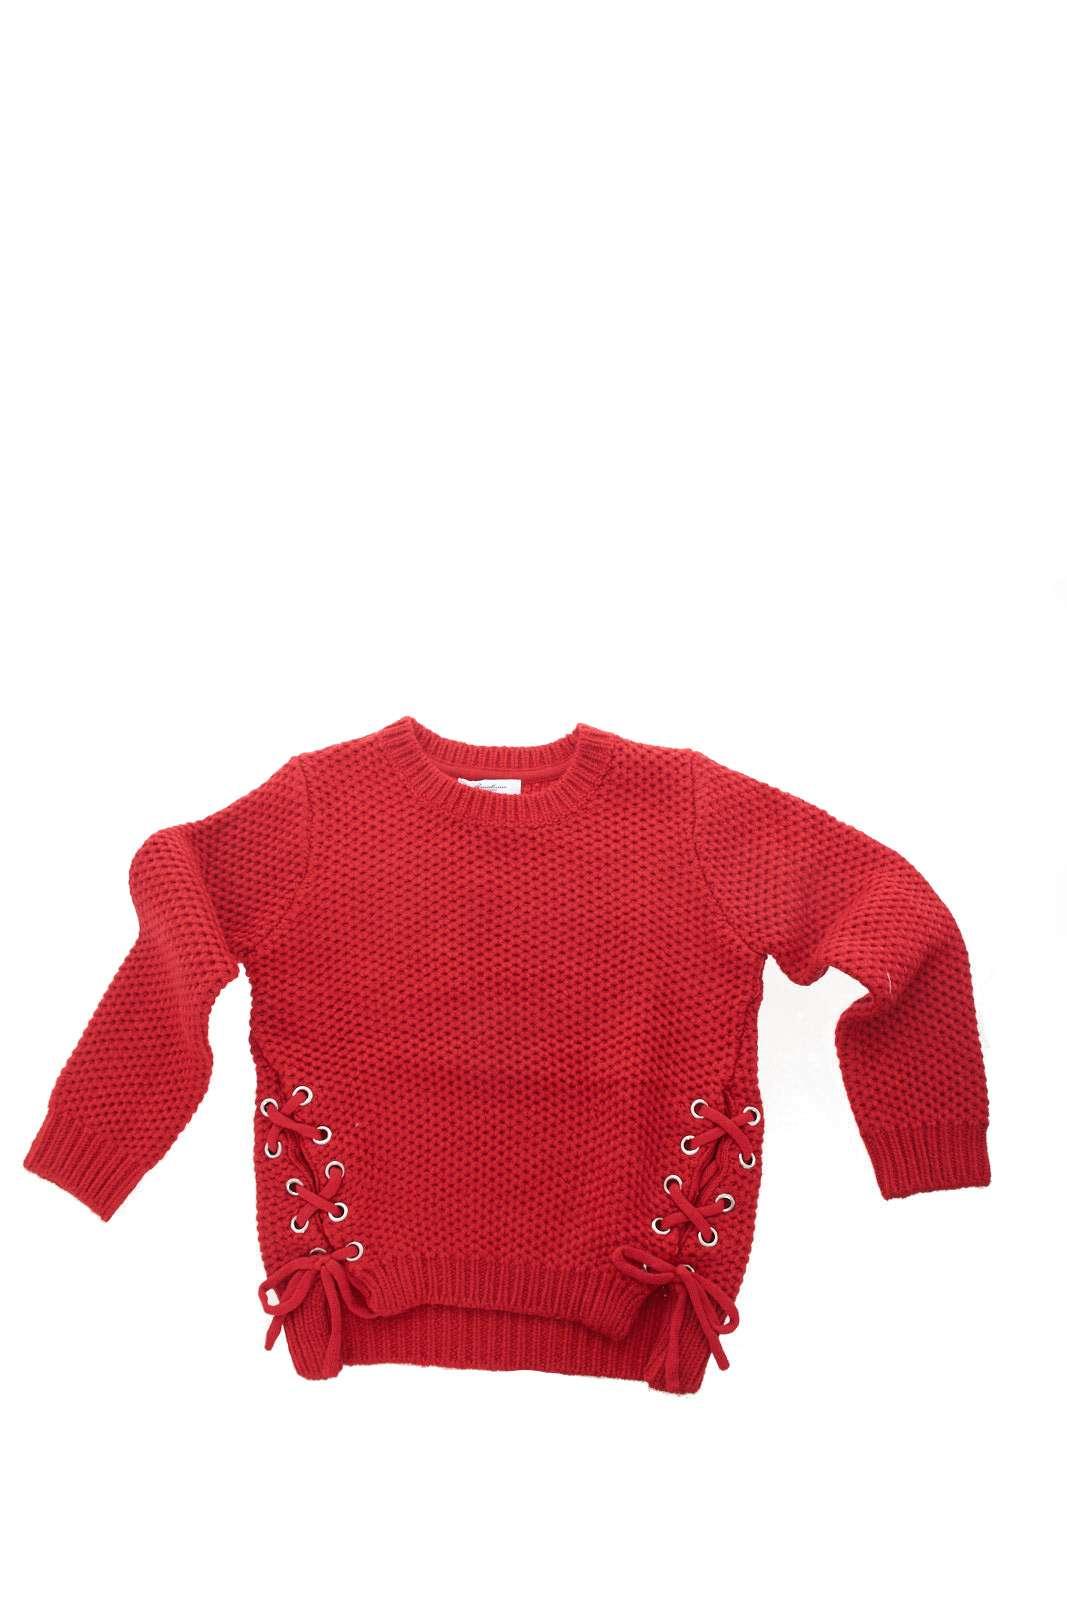 Una maglia pensata per ogni look quella della collezione bambina Gaialuna. La linea minimal è resa unica dagli spacchi laterali con corsetti per chiudere. Da abbinare ad un jeans o ad una gonna, risolve con stile ogni look.